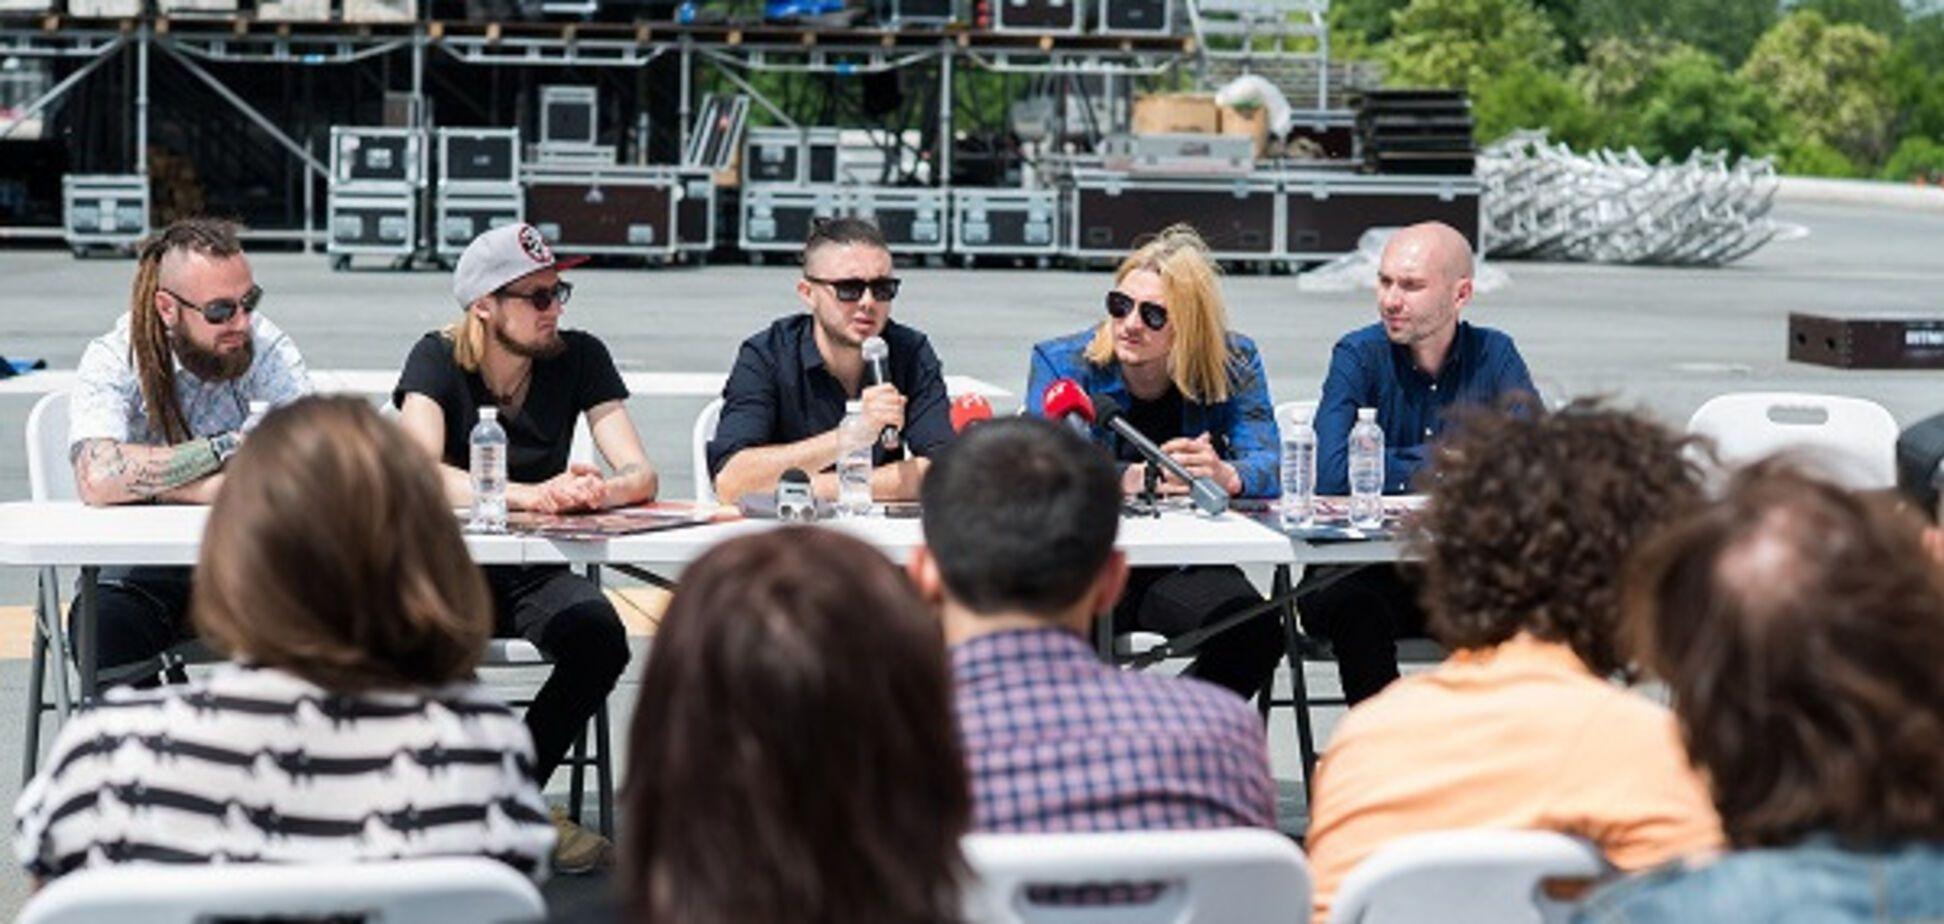 25 травня 'Антитіла' відіграють фінальний концерт Всеукраїнського туру 'Сонце'